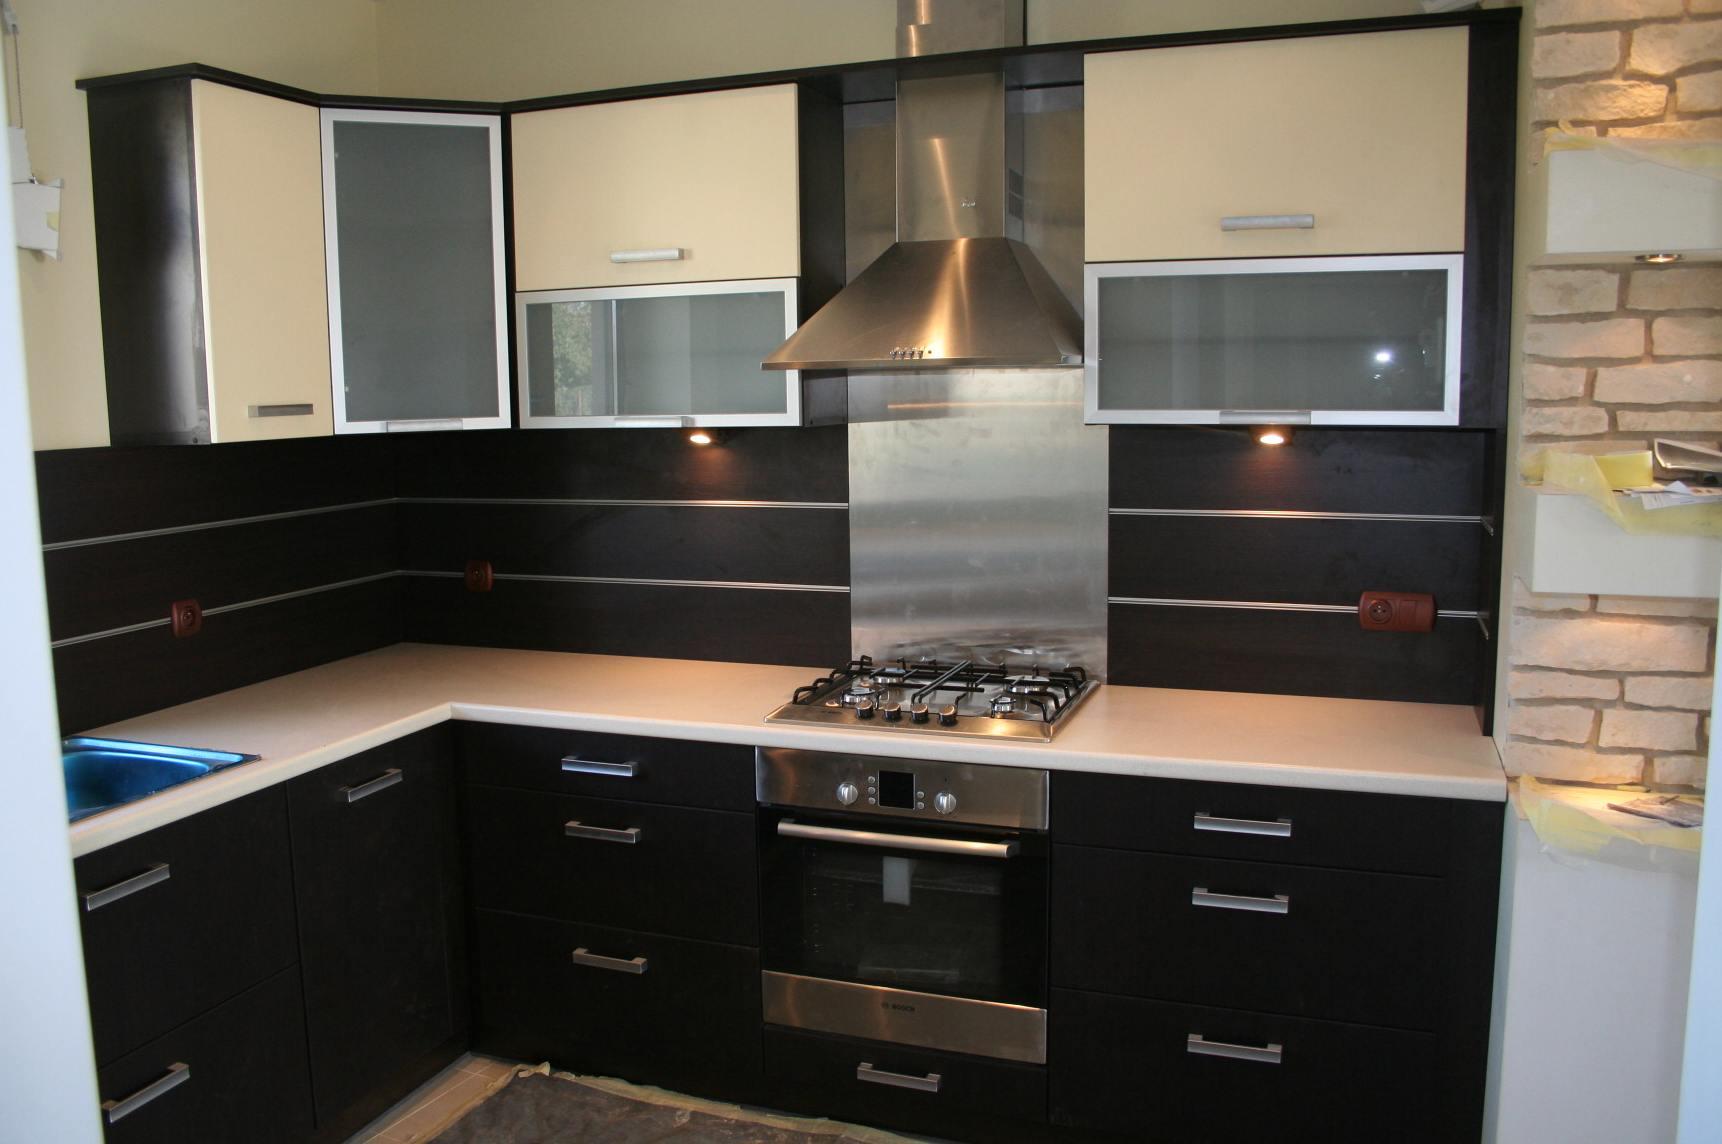 kuchnia, zdjęcie nr: 3904